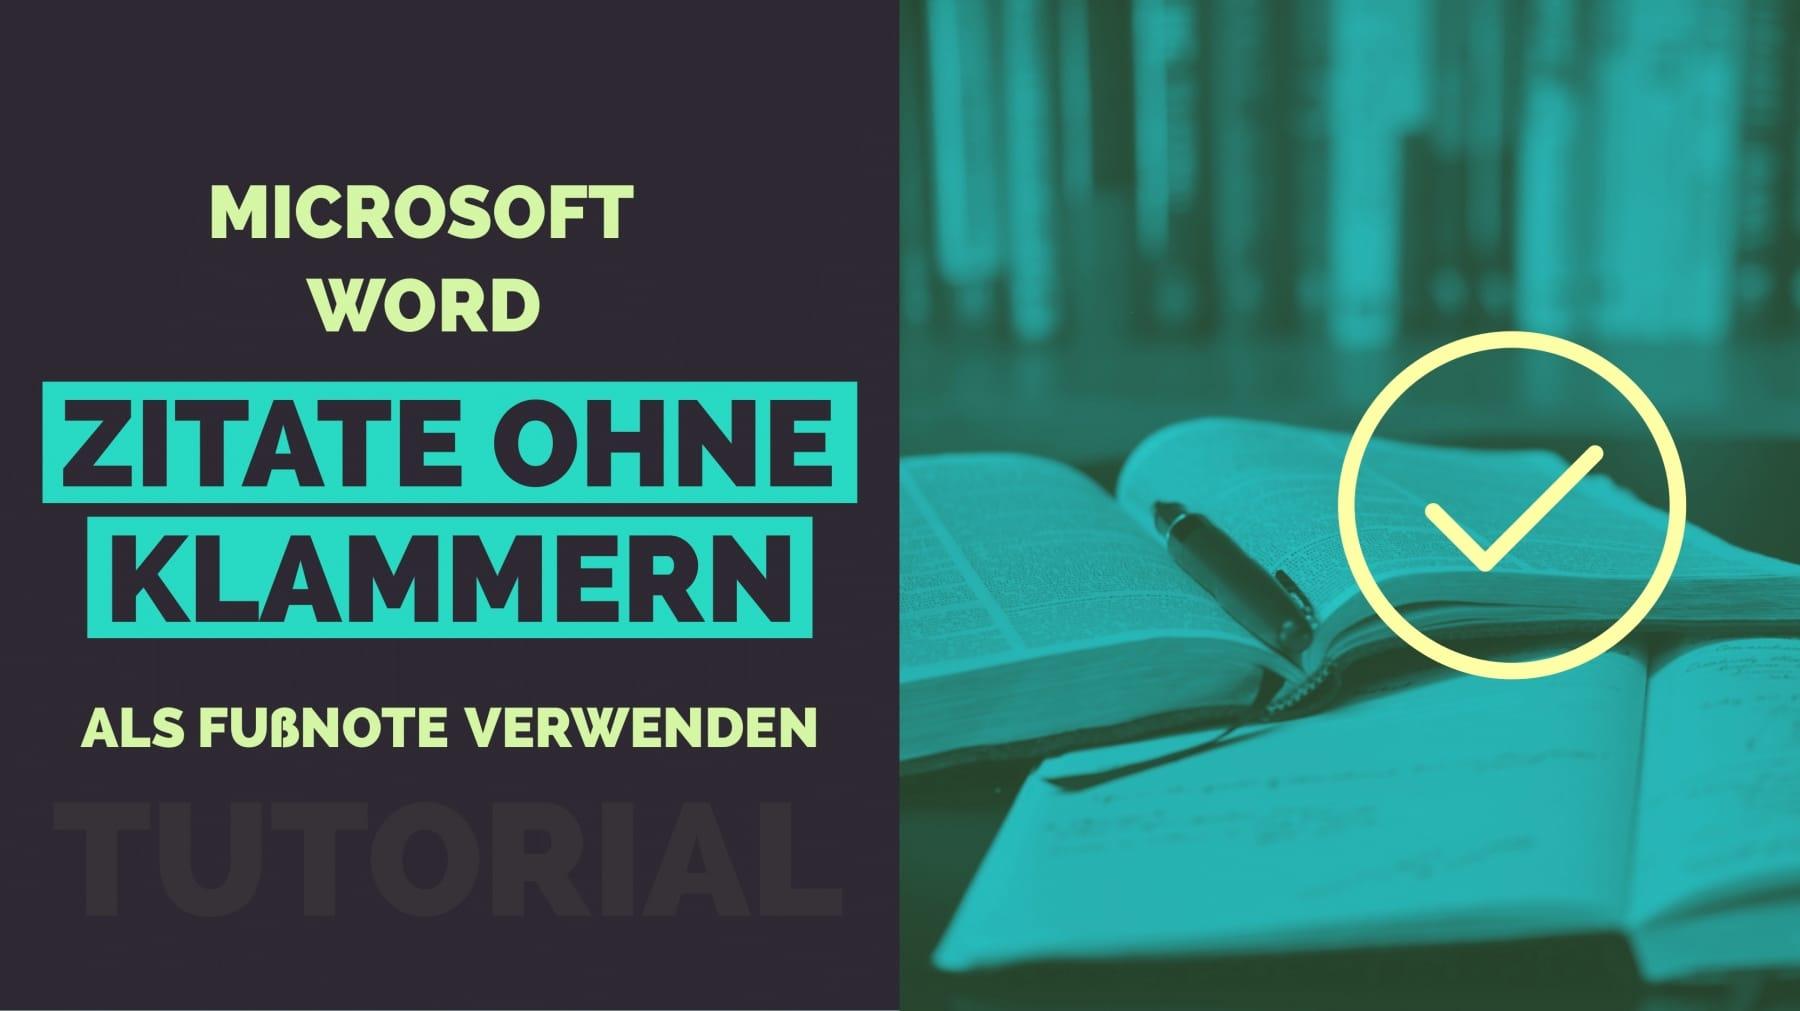 Microsoft Word Zitat ohne Klammer als Fussnote Titelbild